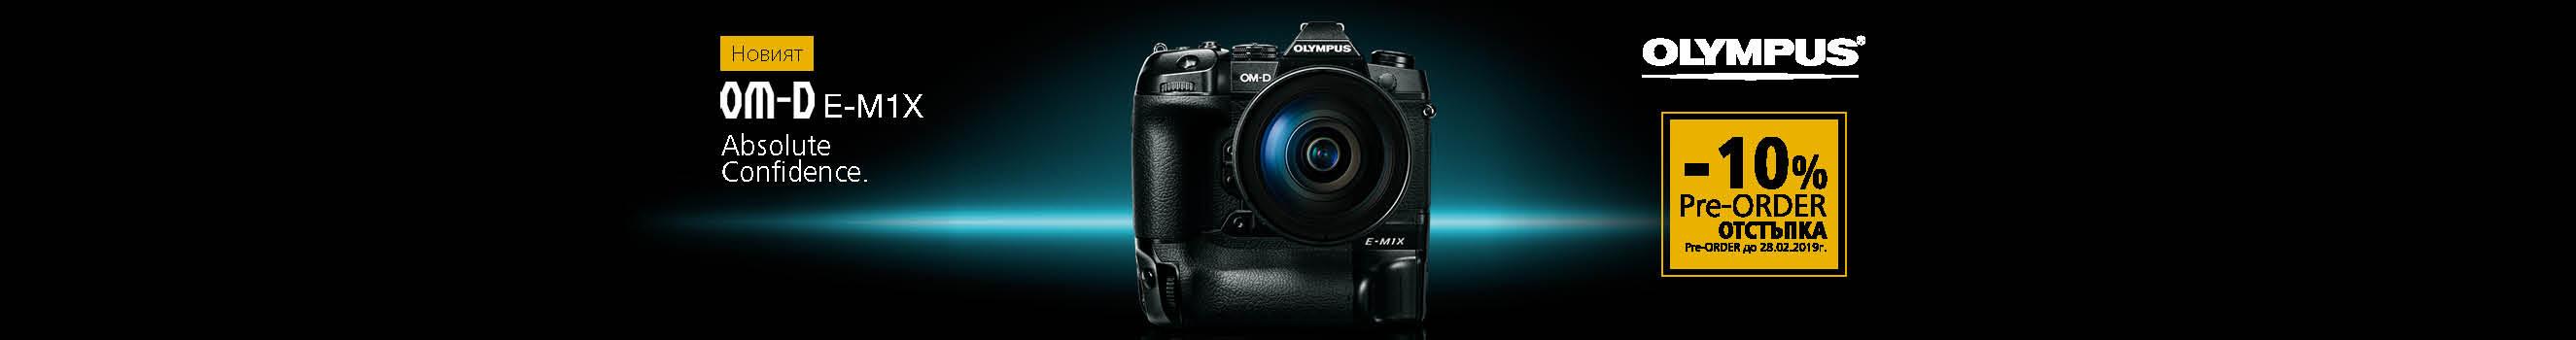 Фотоапарат Olympus E-M1X с 10% отстъпка и подарък: 400 лв. ваучер